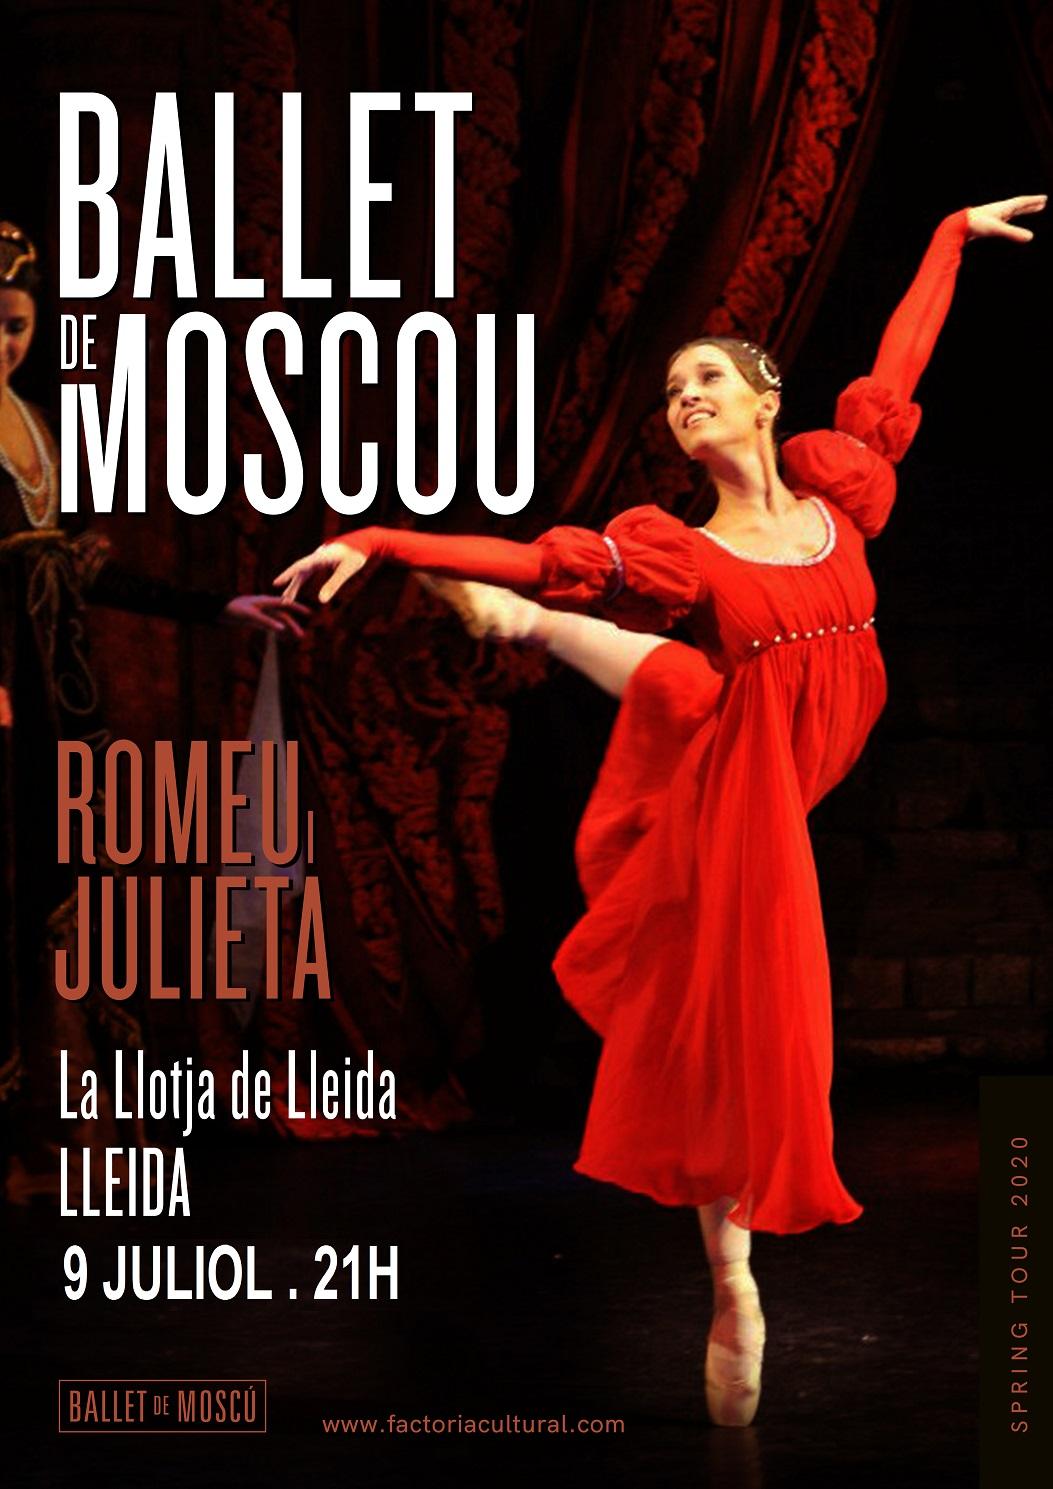 Romeu i Julieta - Ballet de Moscou